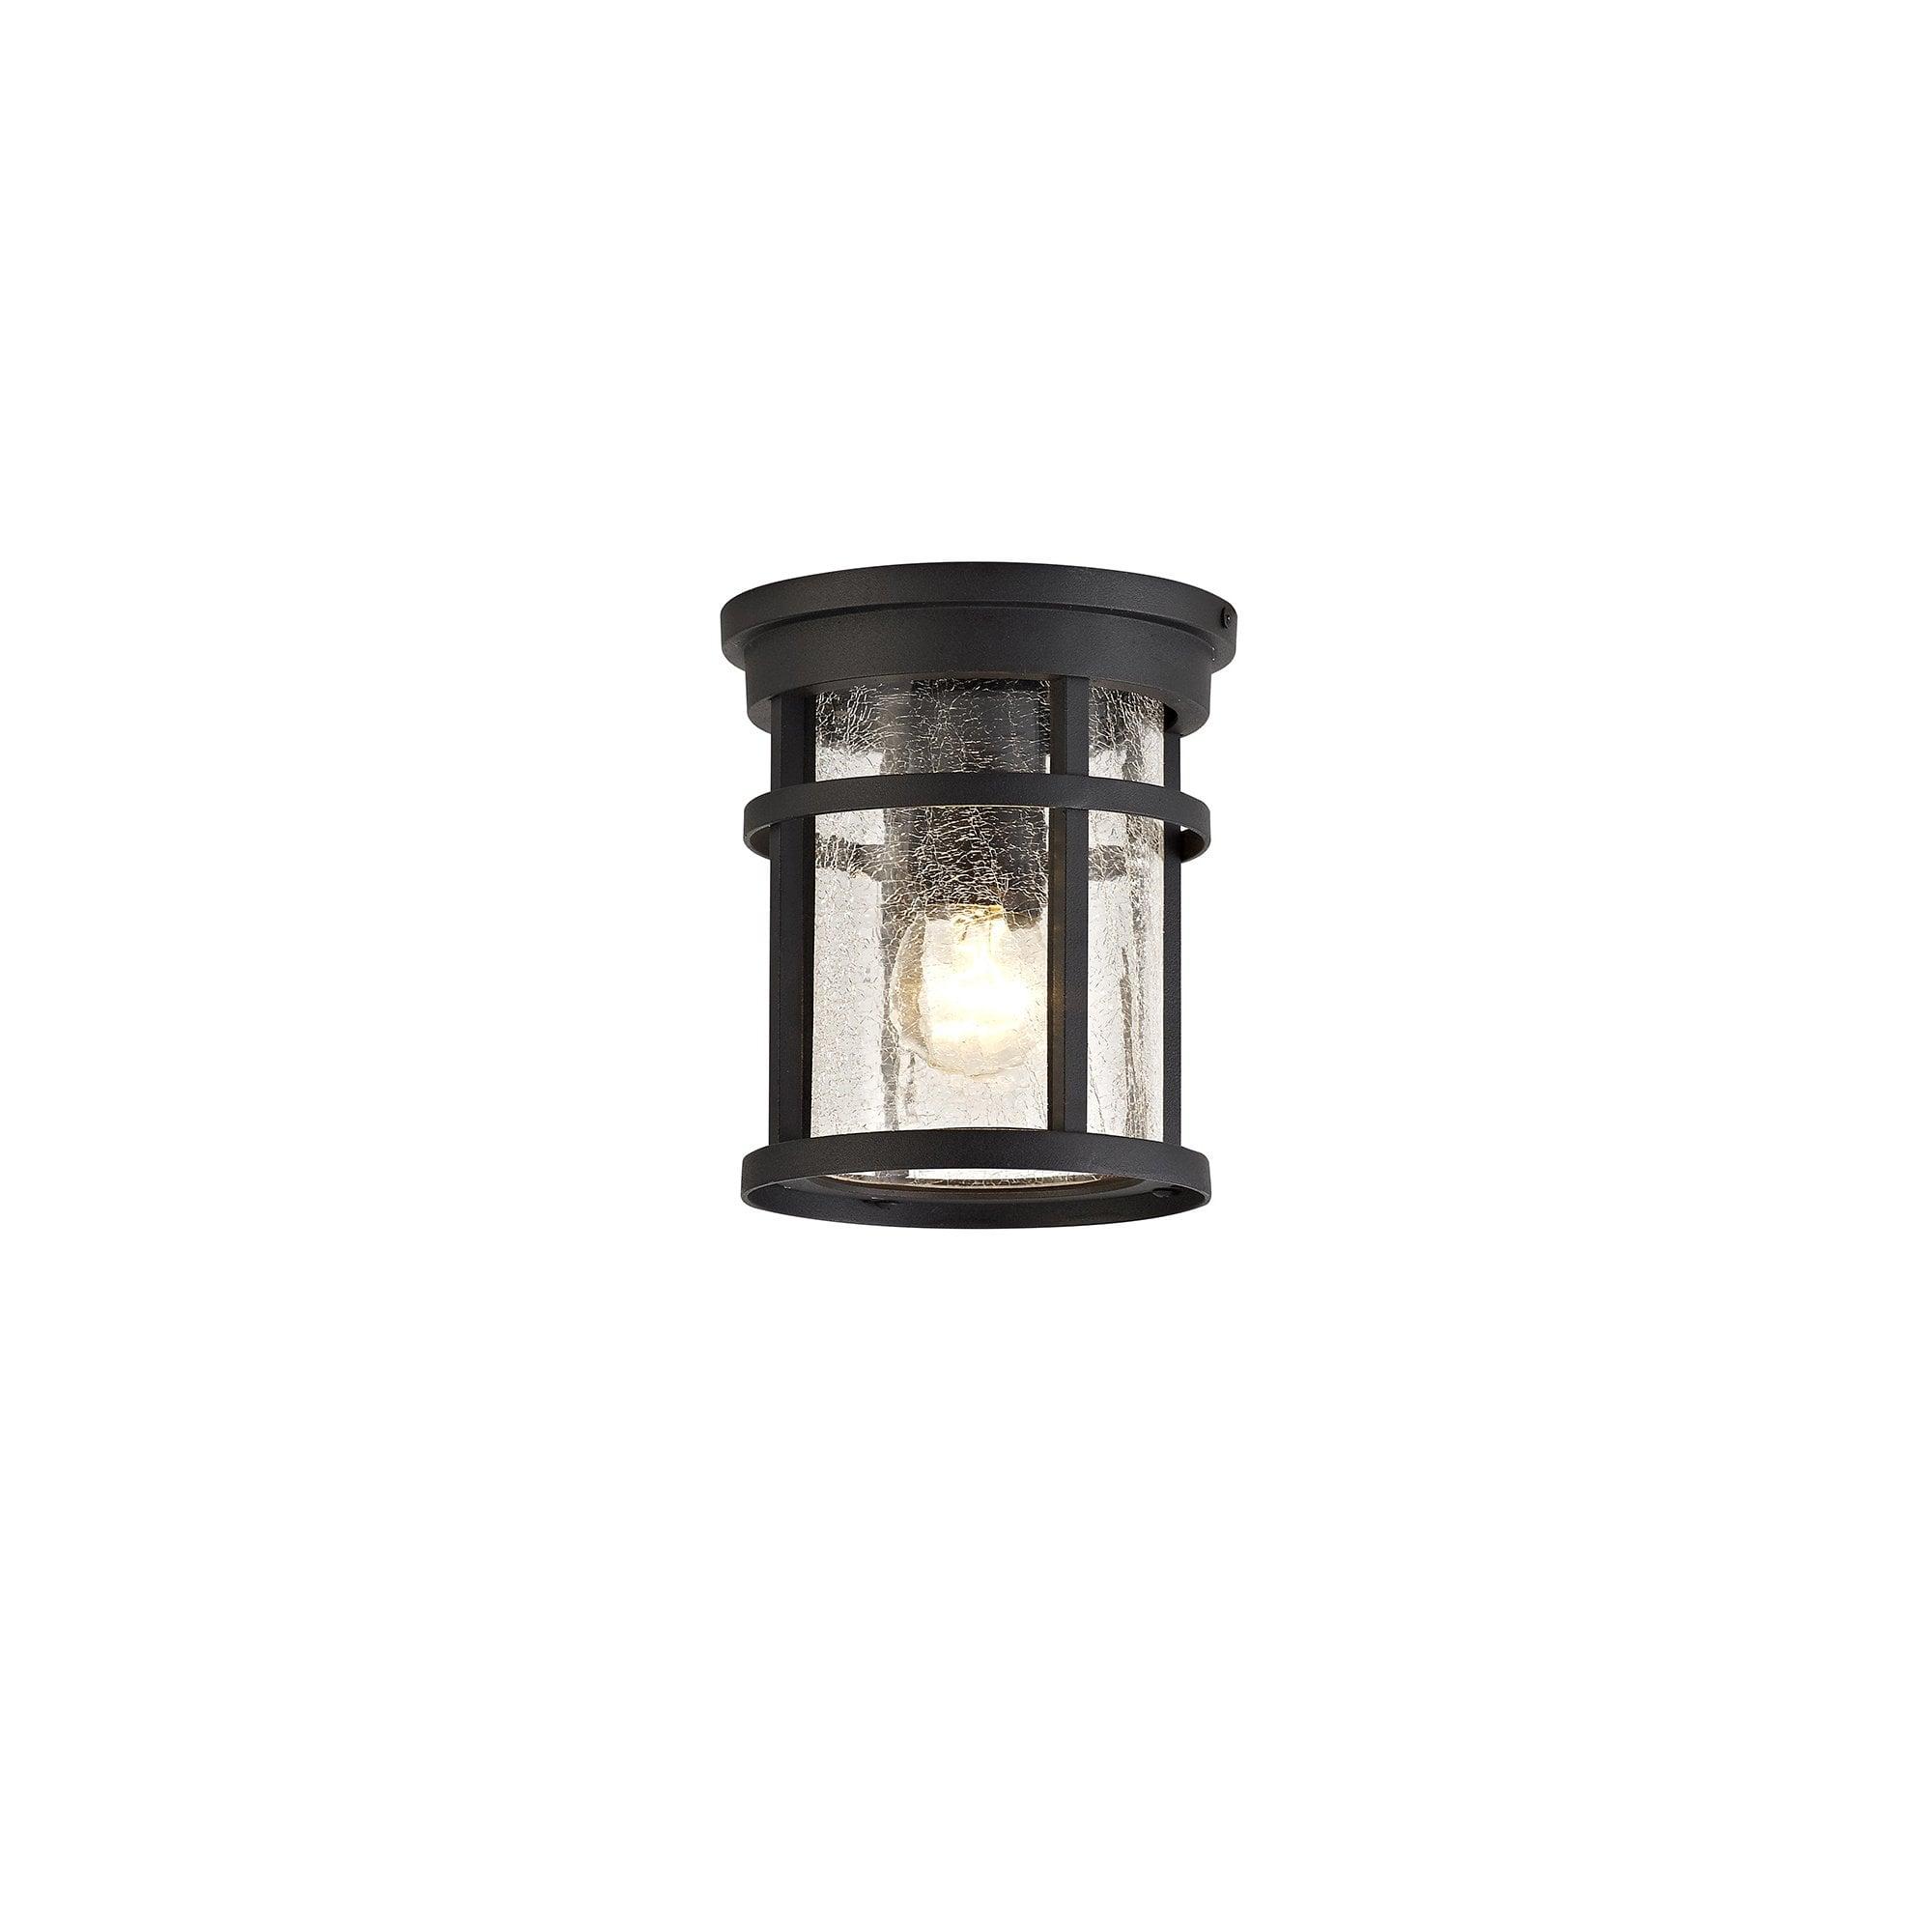 Outdoor Ceiling Light Black Crackled Glass Lighting And Lights Uk